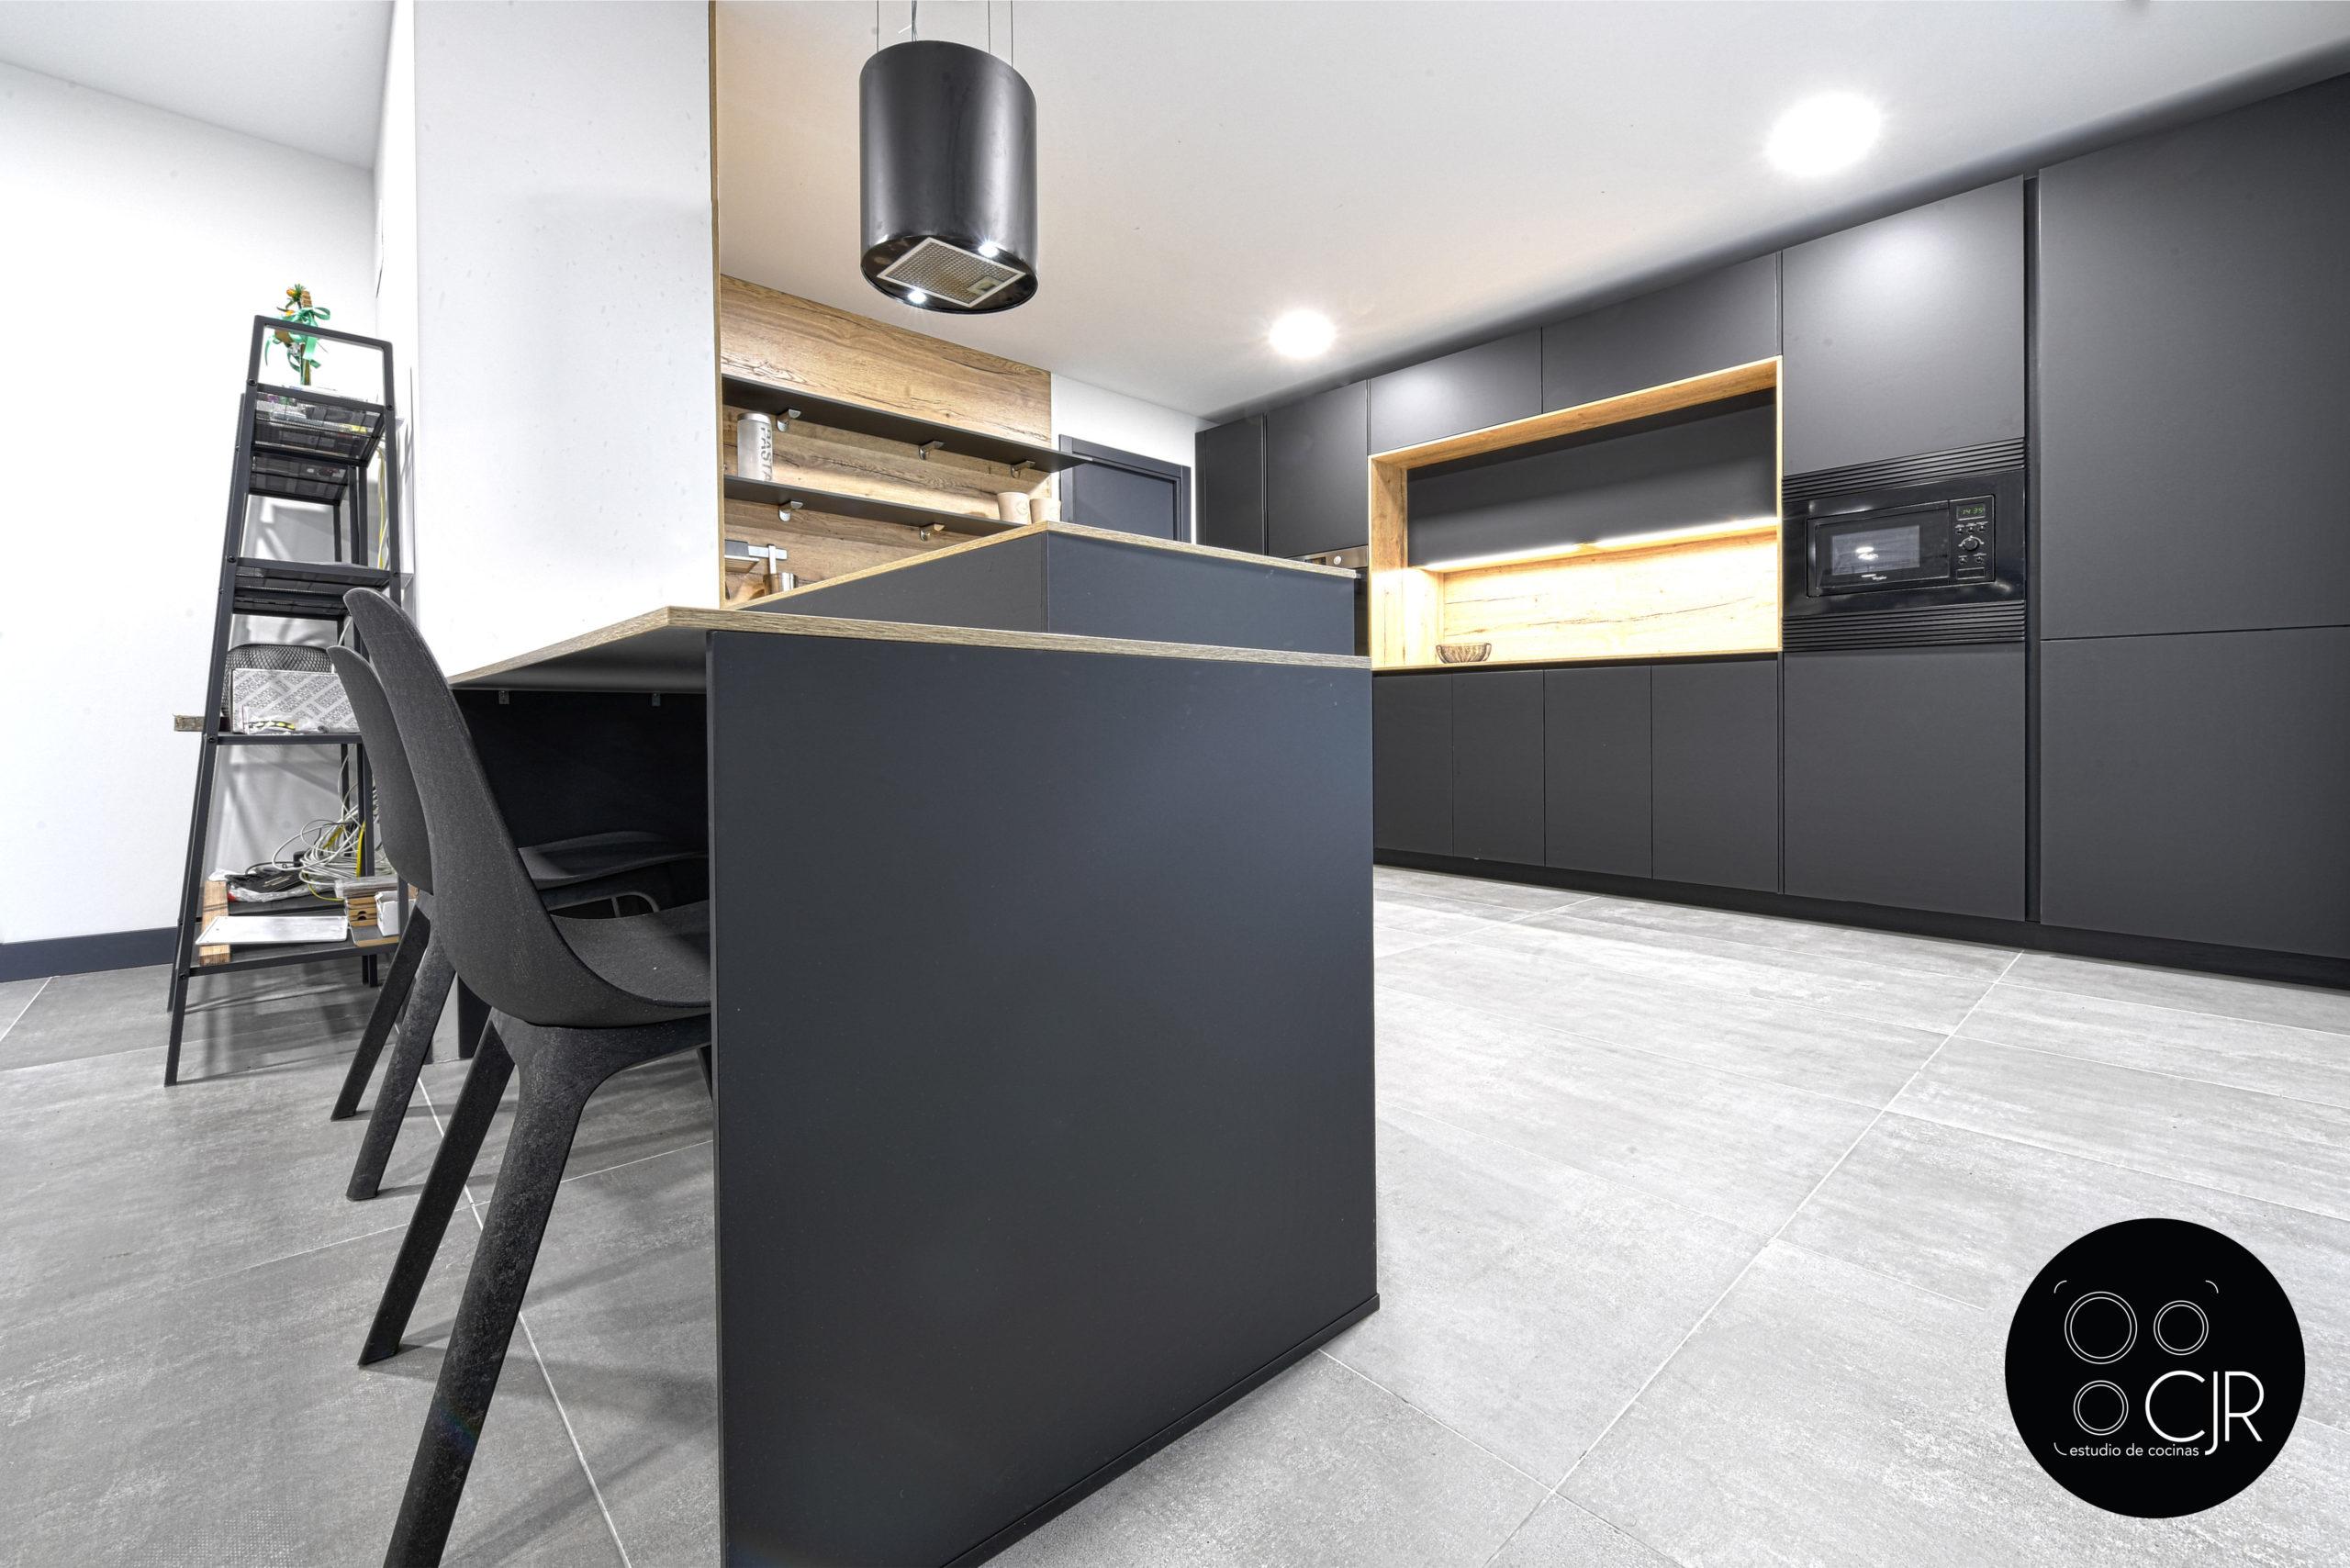 Vista zona de desayuno en cocina negro mate y madera